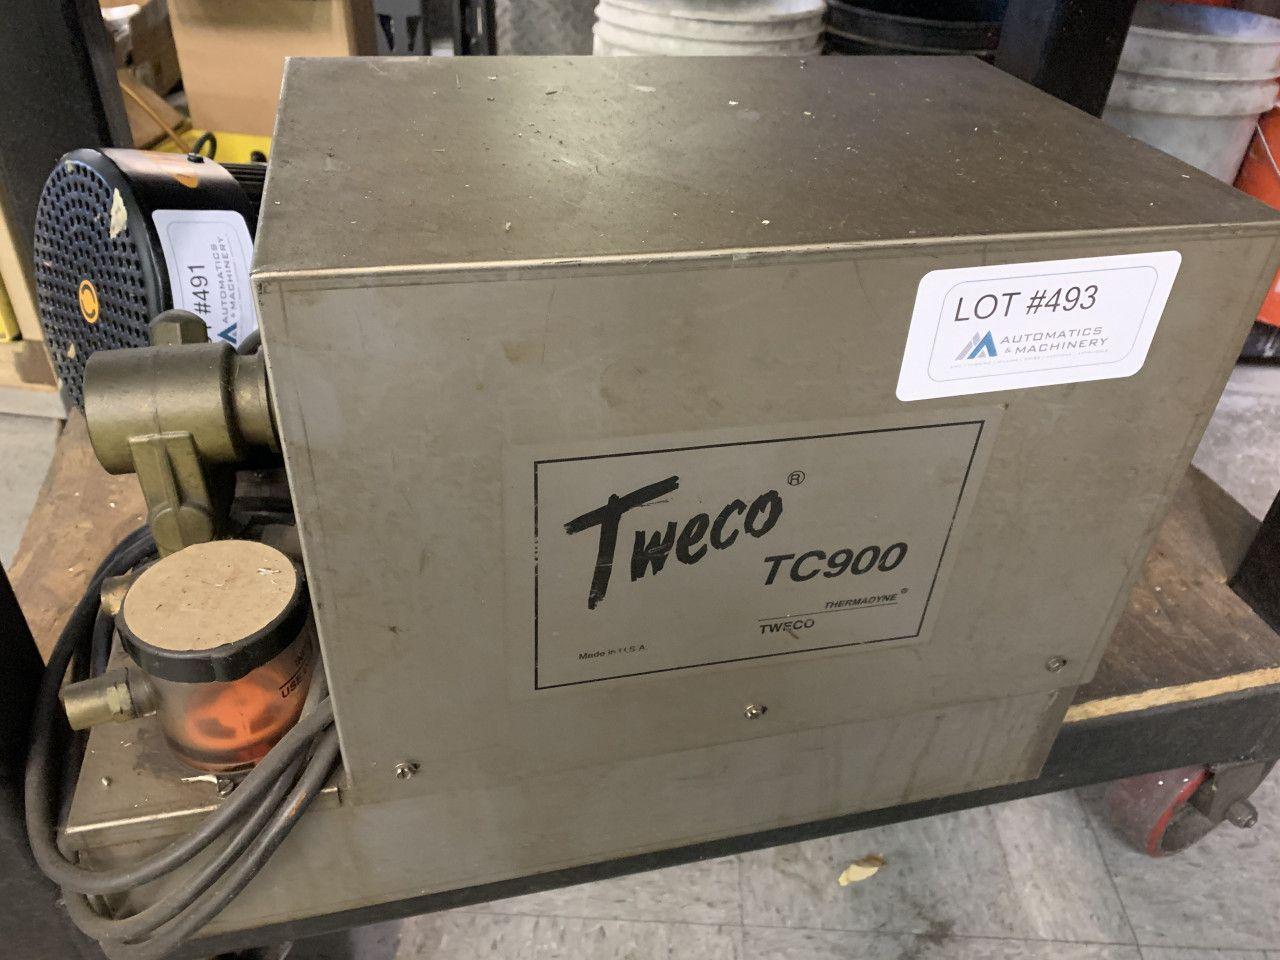 Tweco TC900 WIG-Schweißwasserkühler